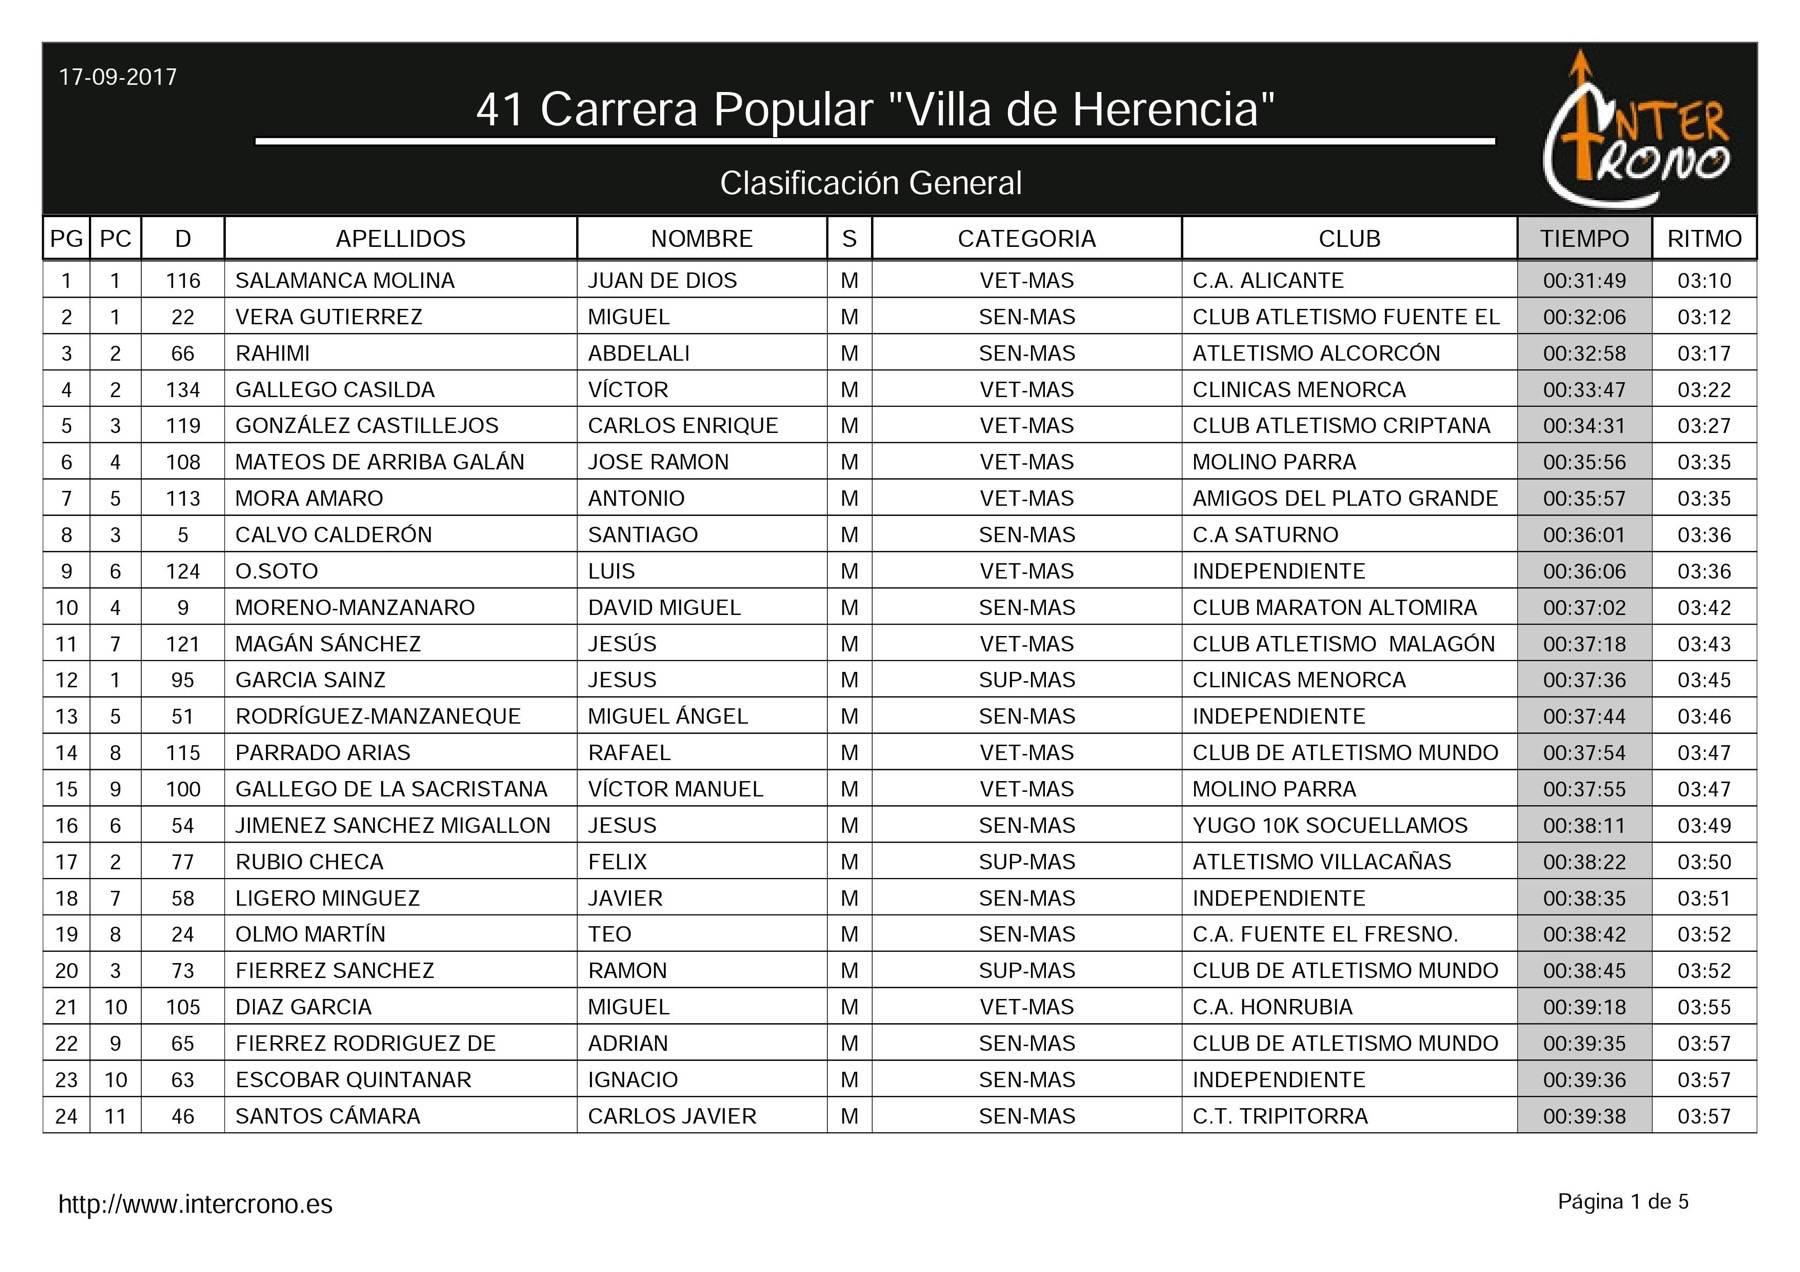 """clasificacion adultos 41 carrera popular herencia 1 - Clasificaciones en 41 Carrera Popular """"Villa de Herencia"""""""